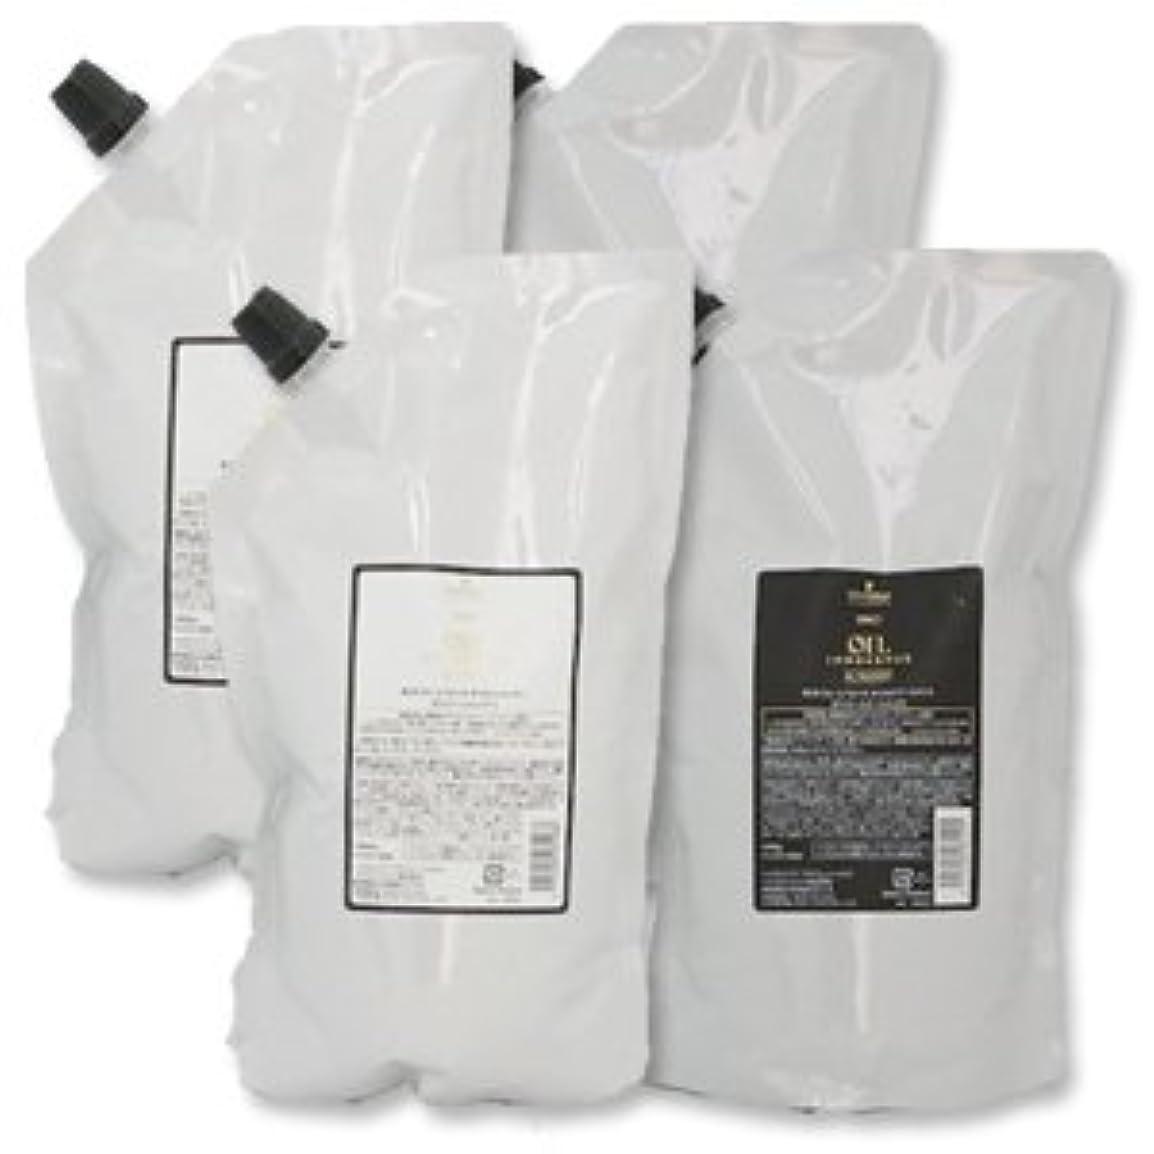 チャペル見積りアレルギー性シュワルツコフ BC オイルイノセンス シャンプー 1000mL ×2個 + トリートメント 1000g ×2個 詰め替え セット